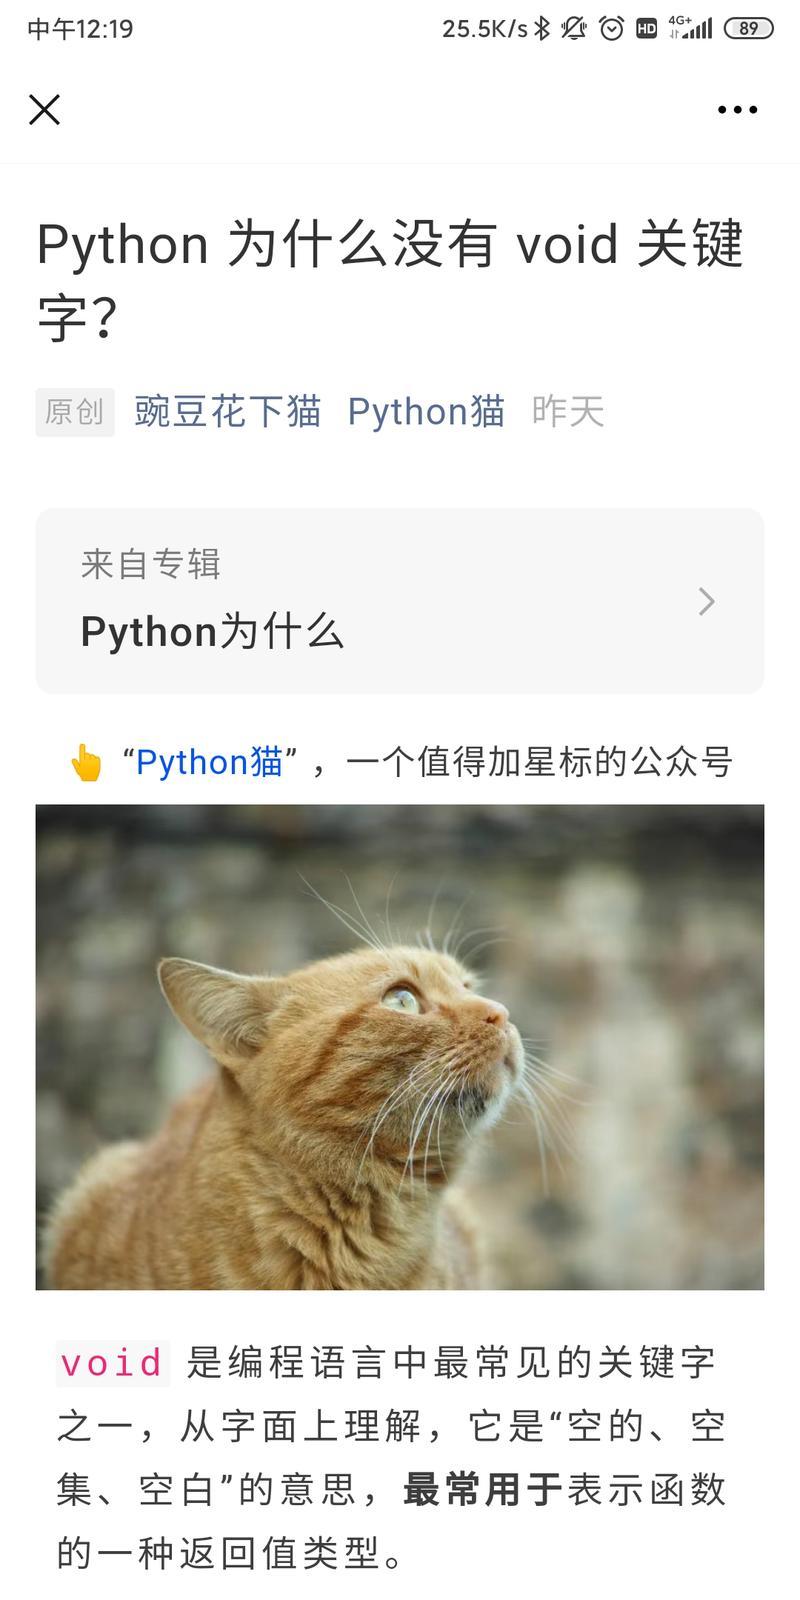 豌豆花下猫于2020-08-22 12:22发布的图片